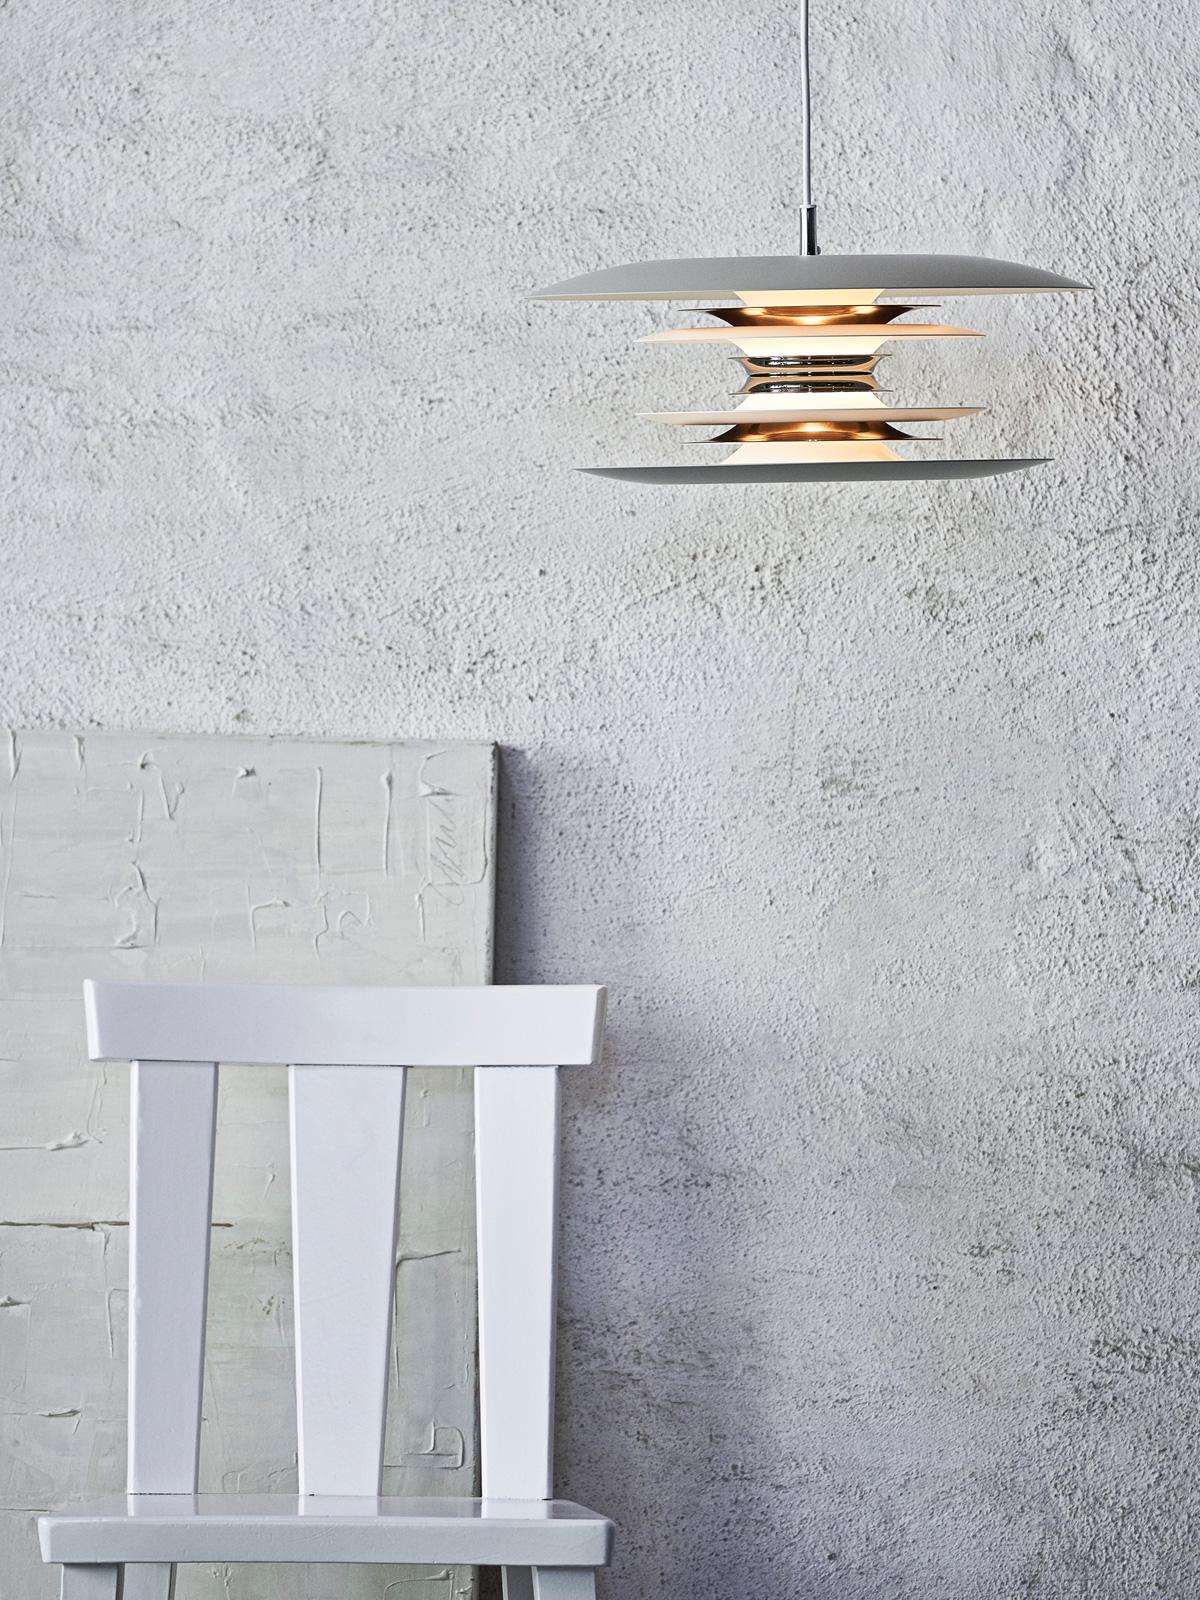 Belid Diablo Designerleuchte für blendfreies Licht